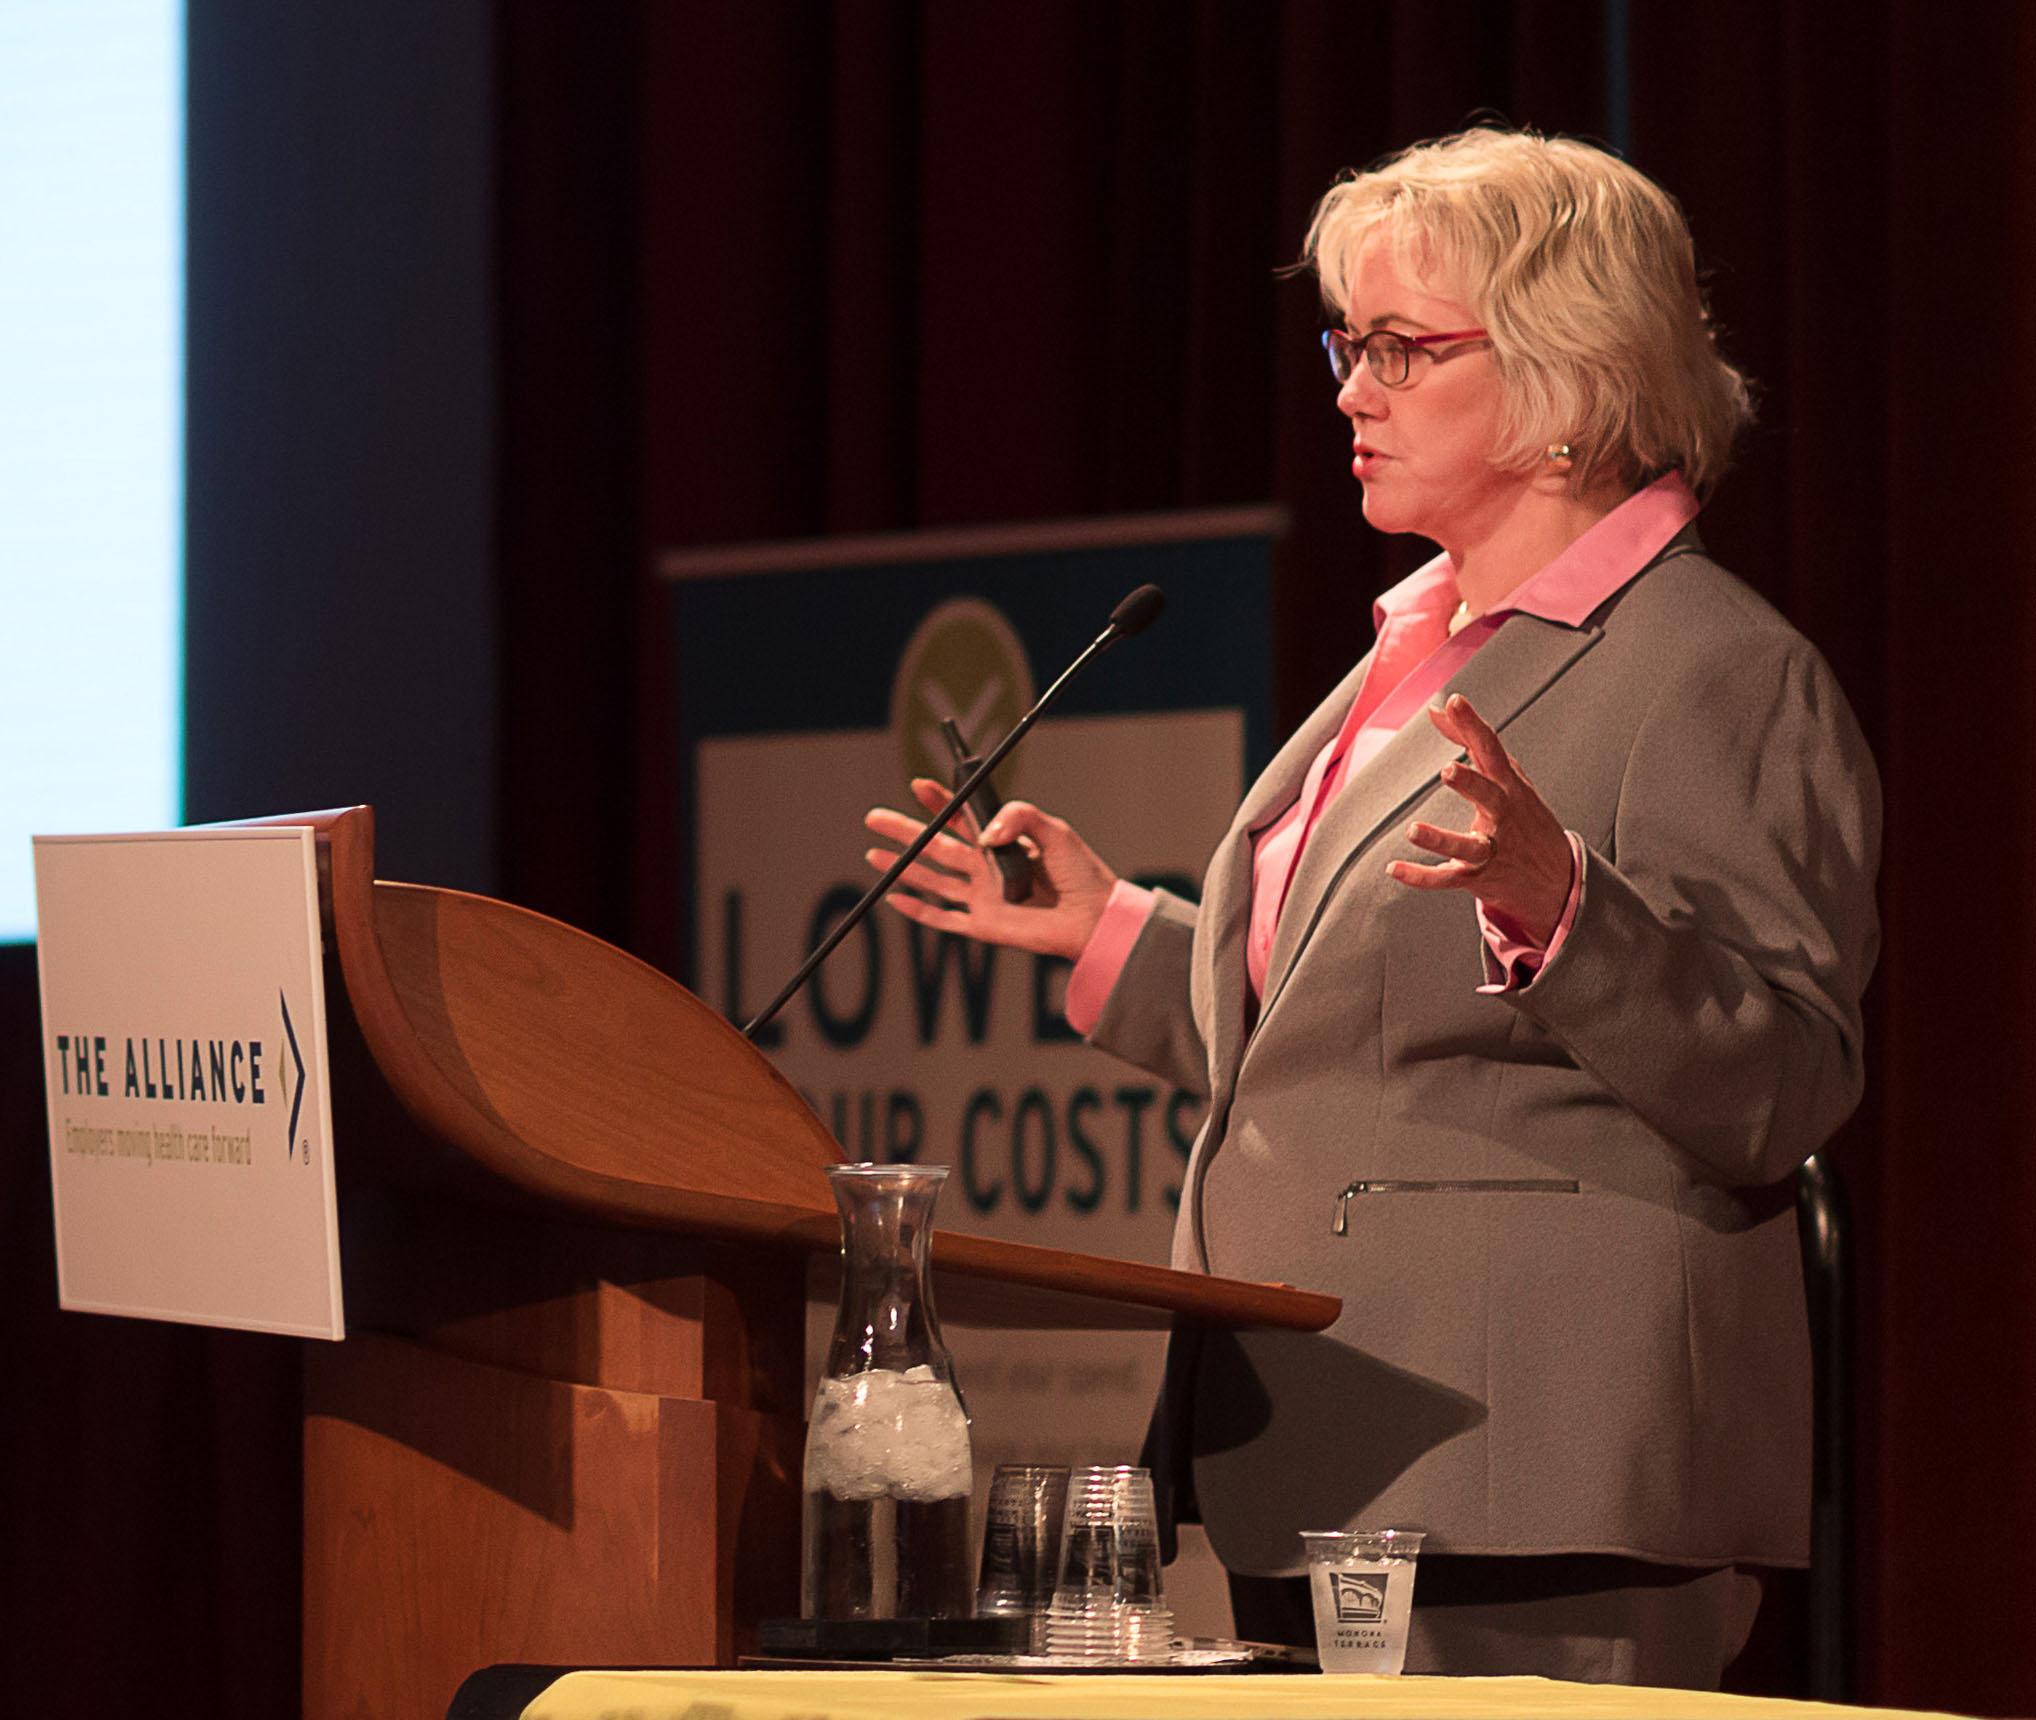 Leah Binder speaking